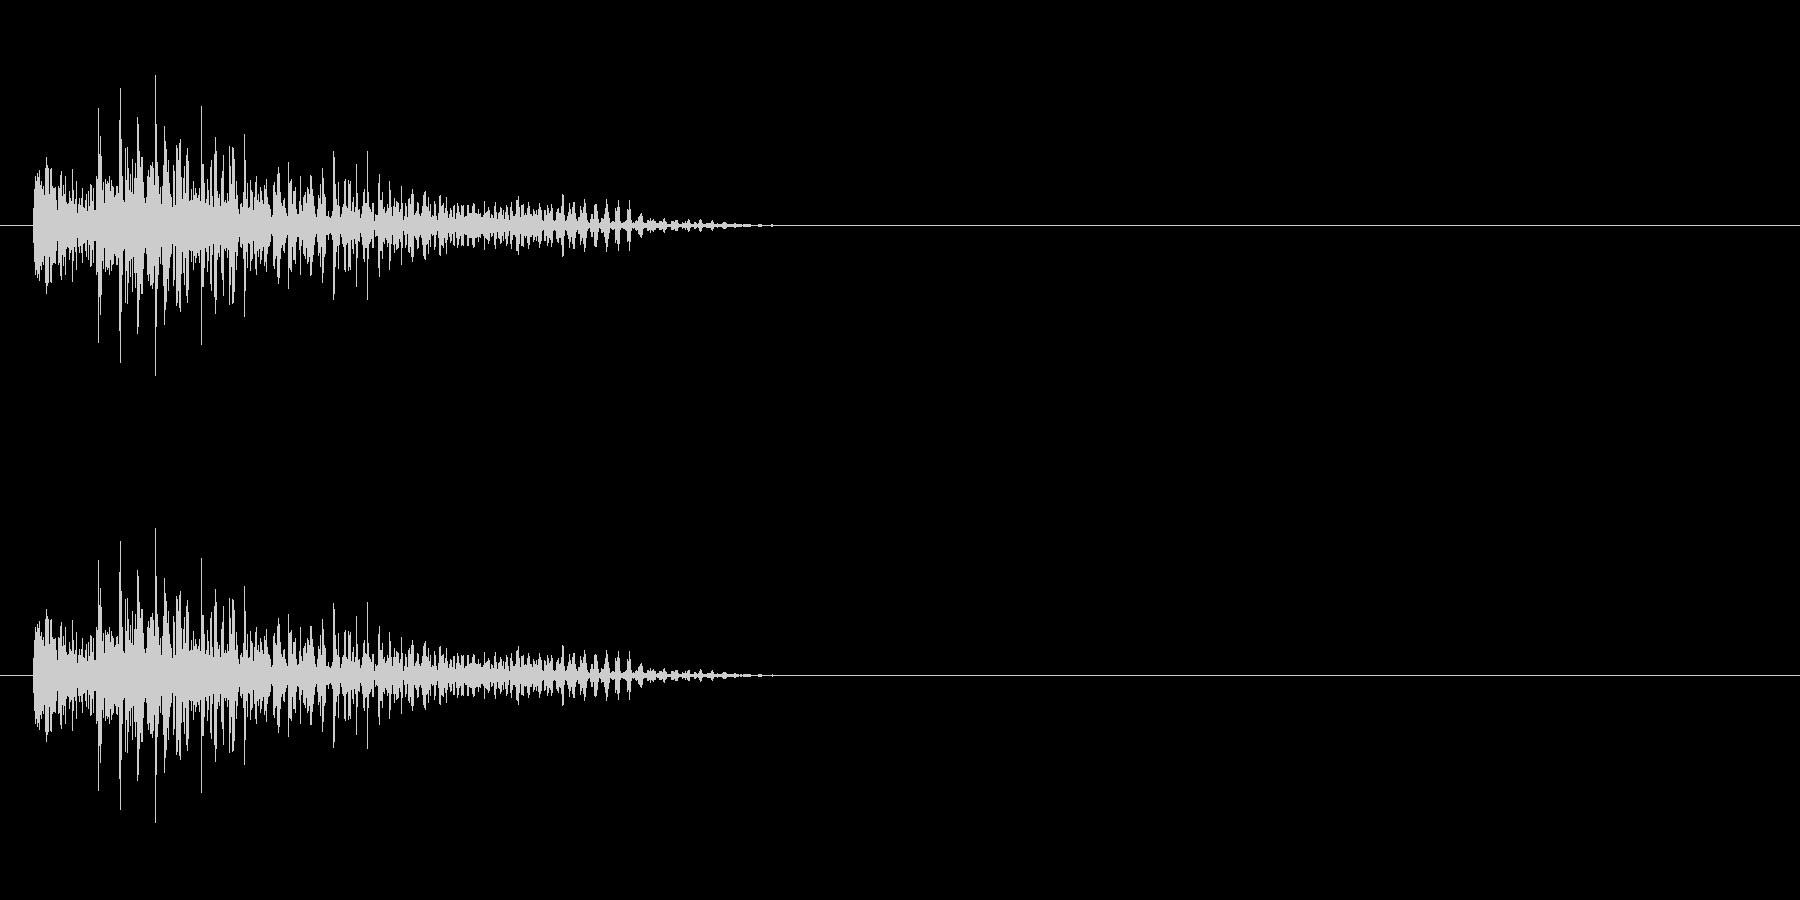 チープなロボットのジャンプ音の未再生の波形